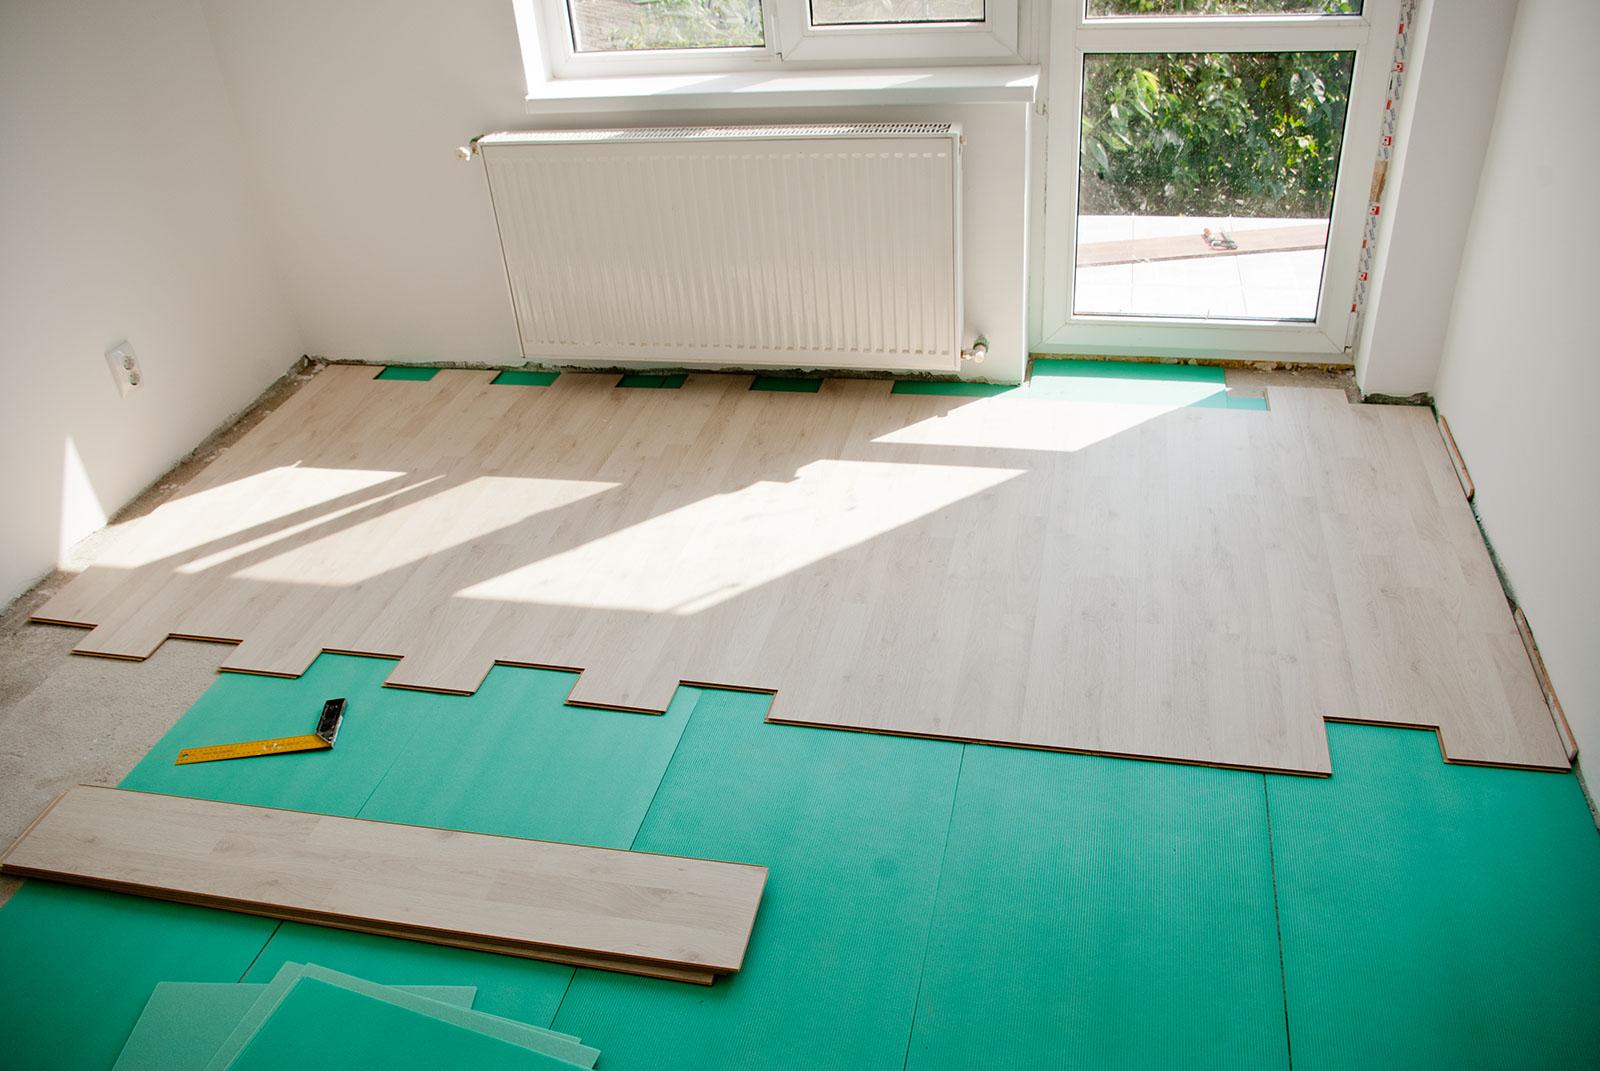 Pose parquet sur plancher osb prix travaux au m2 angers for Pose parquet sur plancher bois